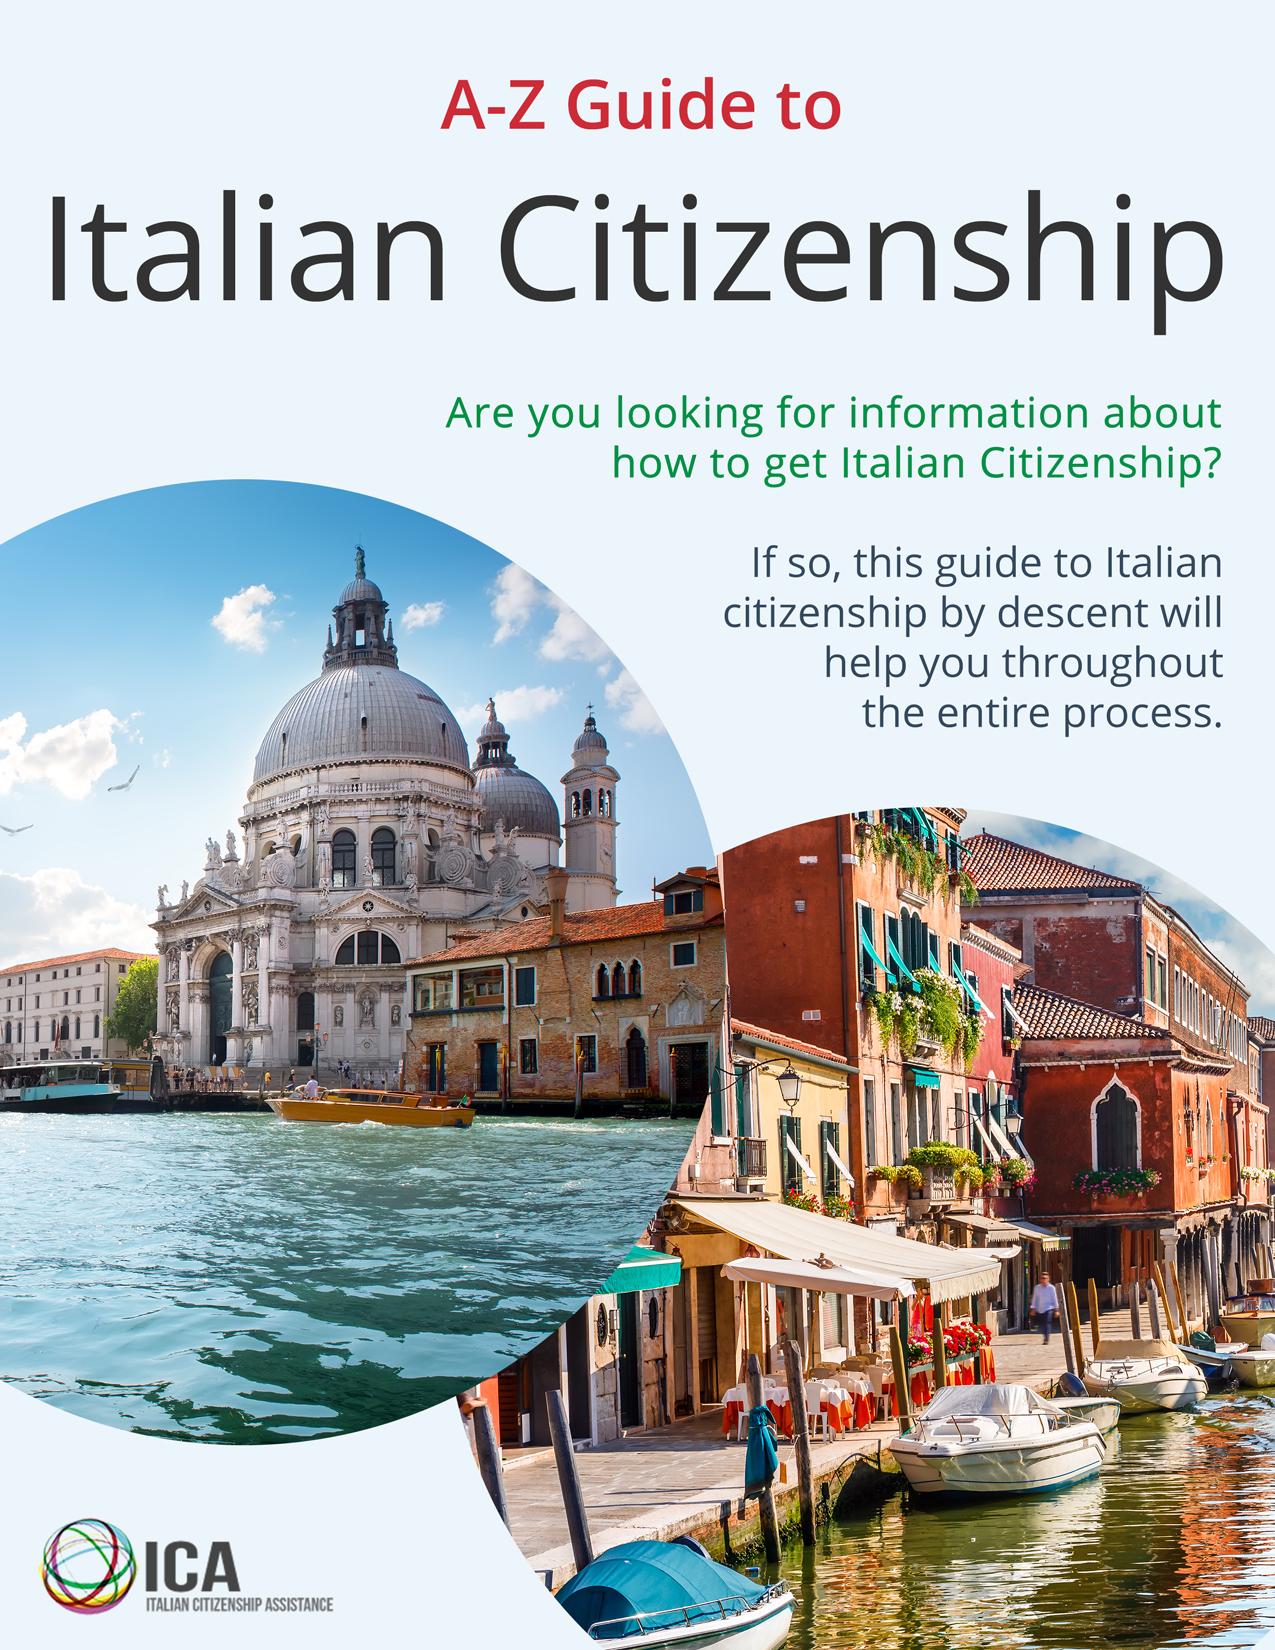 Italian Citizenship Assistance |